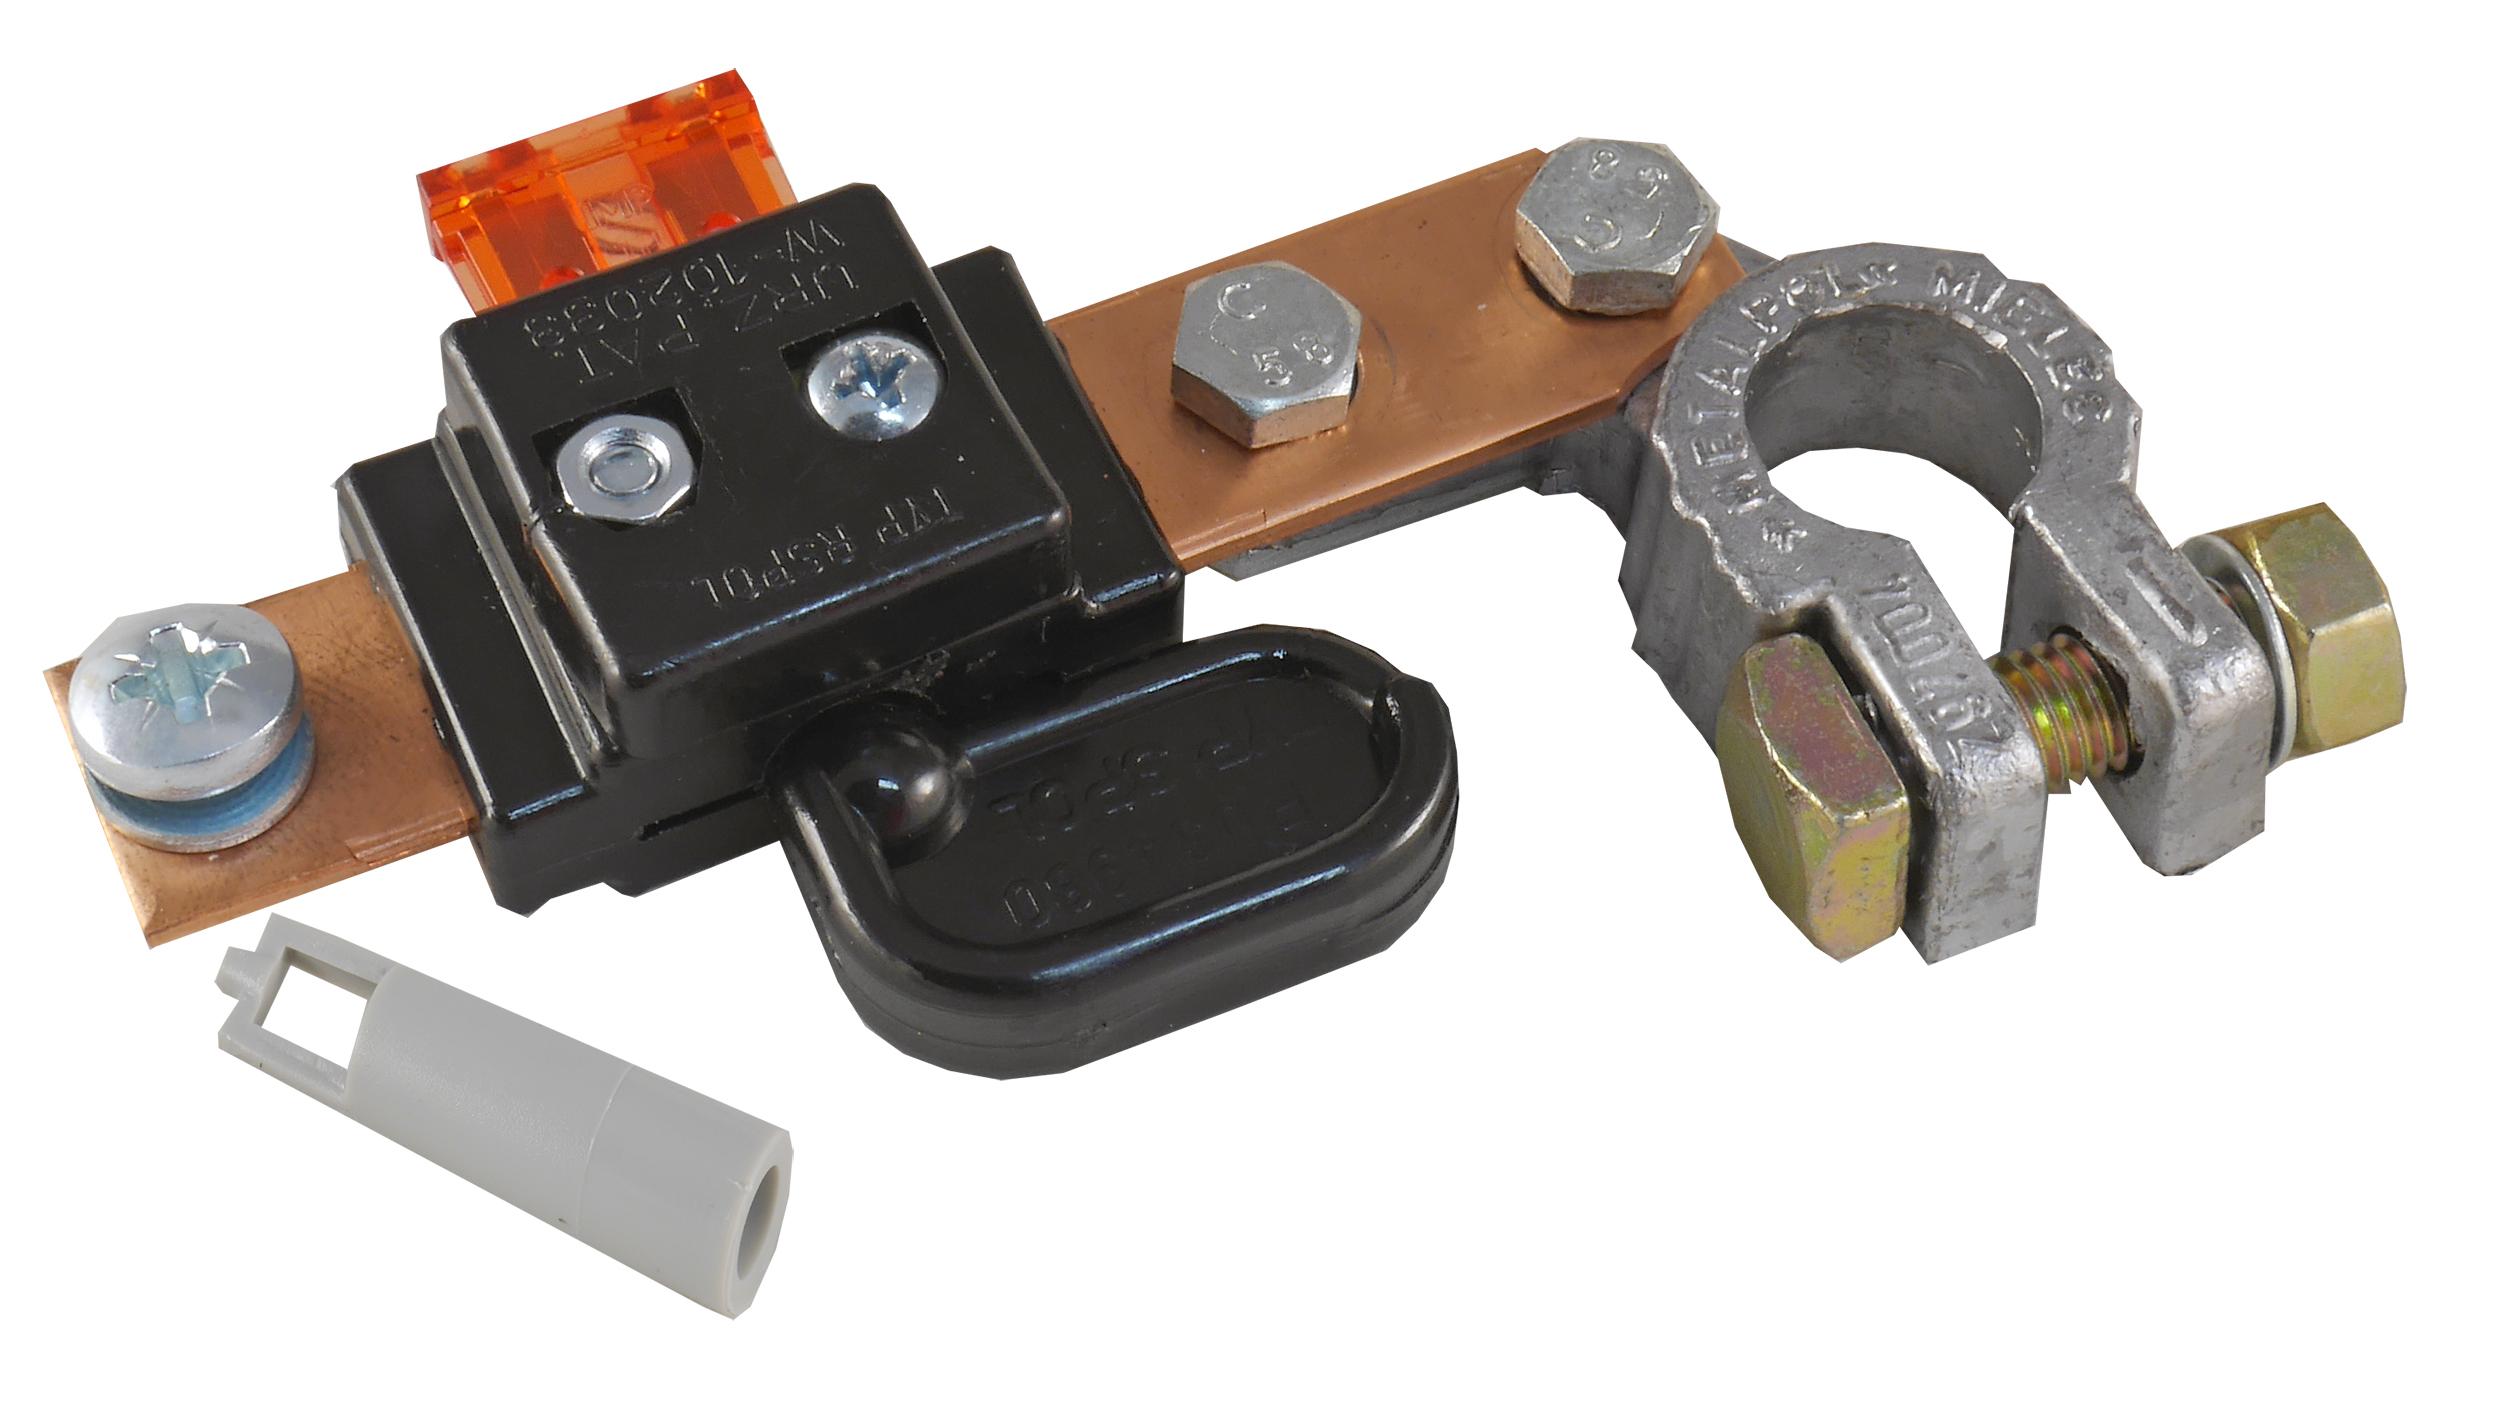 клемма рубанок 750a разъединитель батареи предохранитель